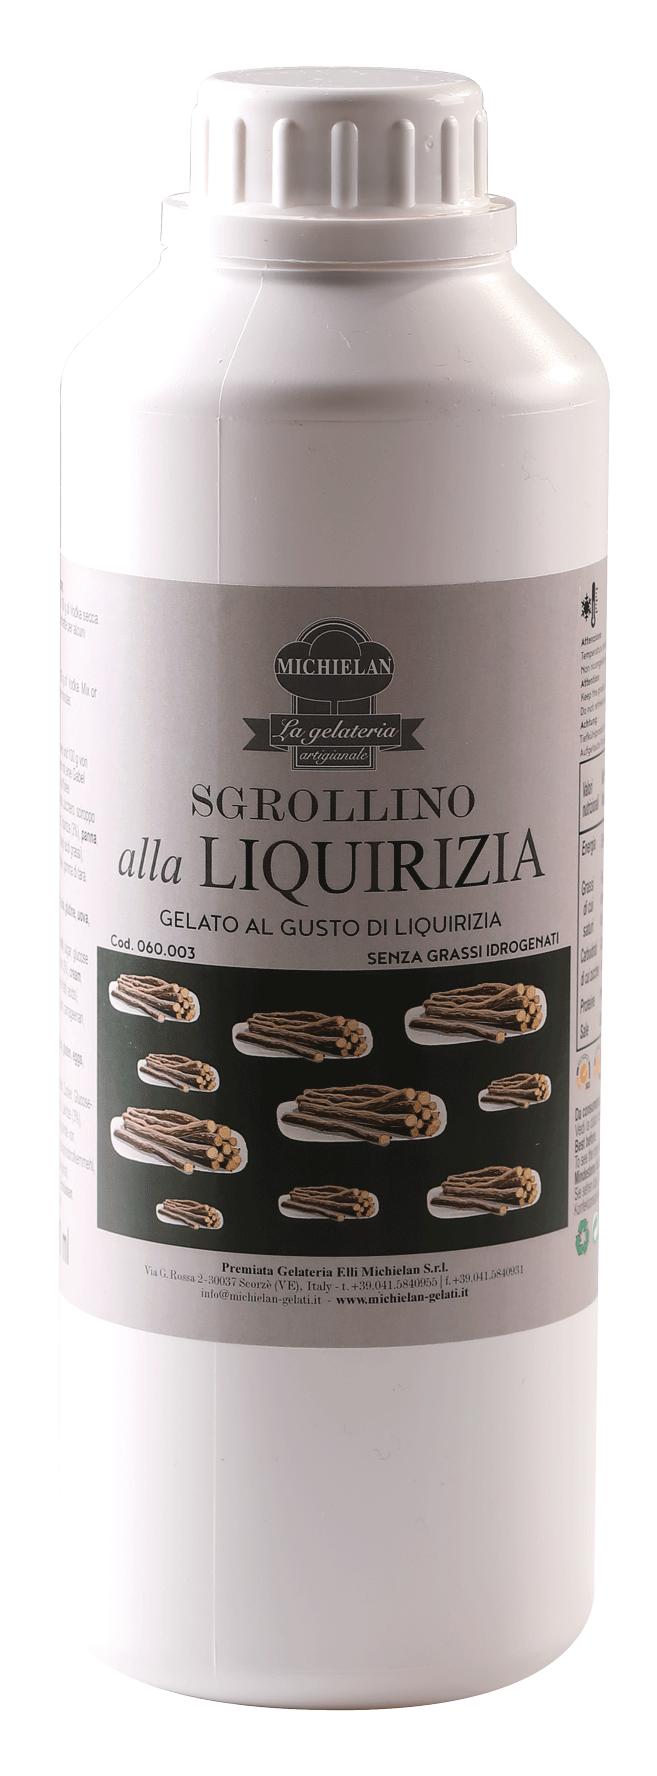 Sgrollino - Monoporzioni - Premiata Gelateria Michielan